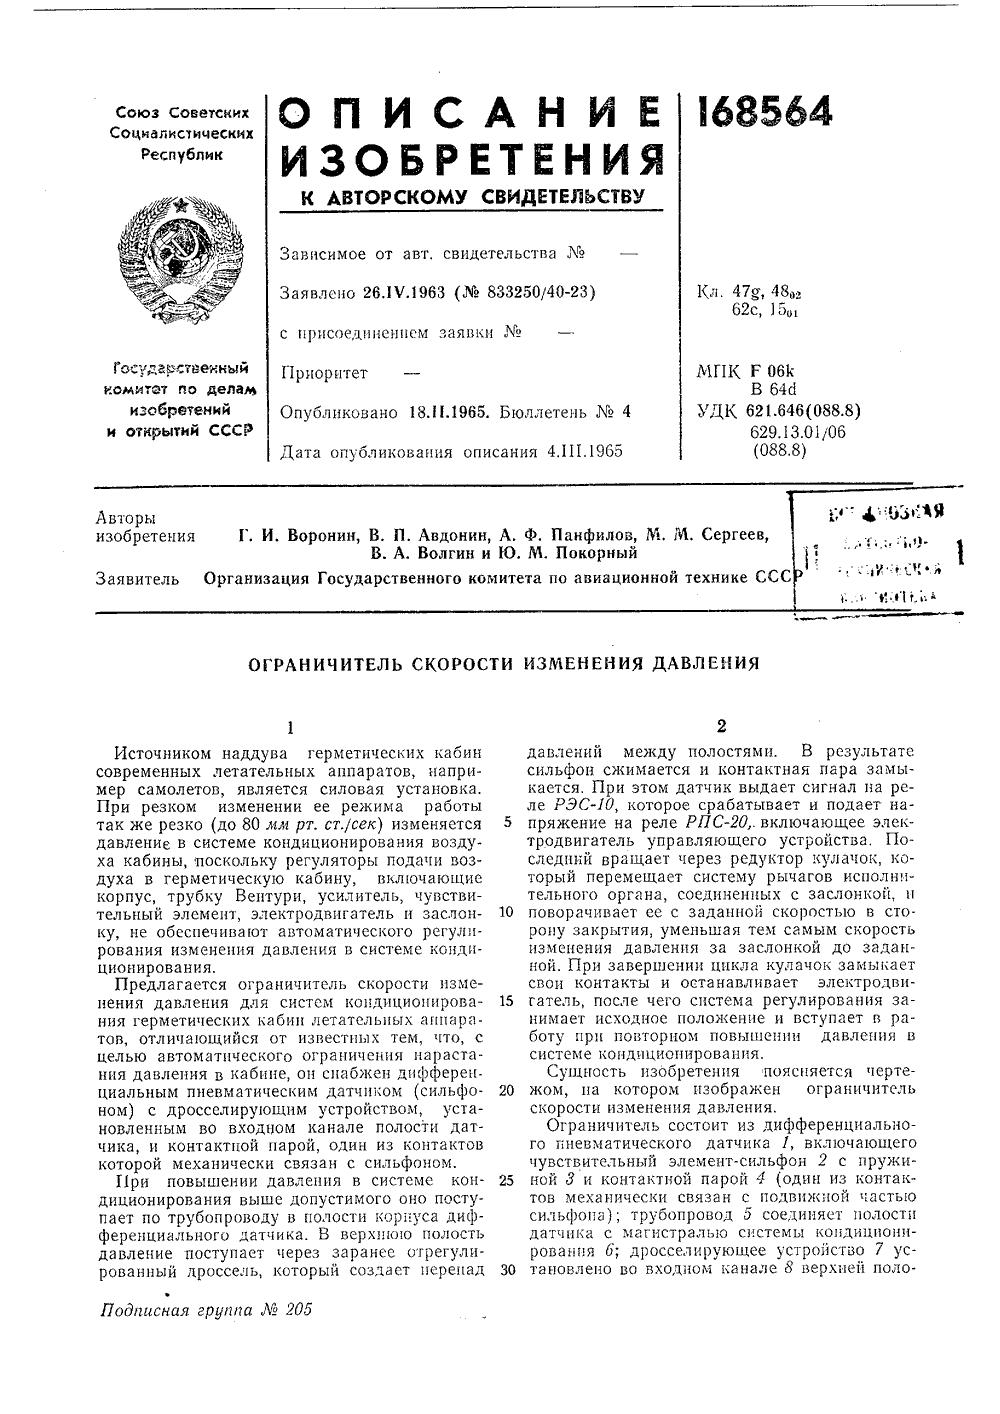 терморегулятор трх-1 схема